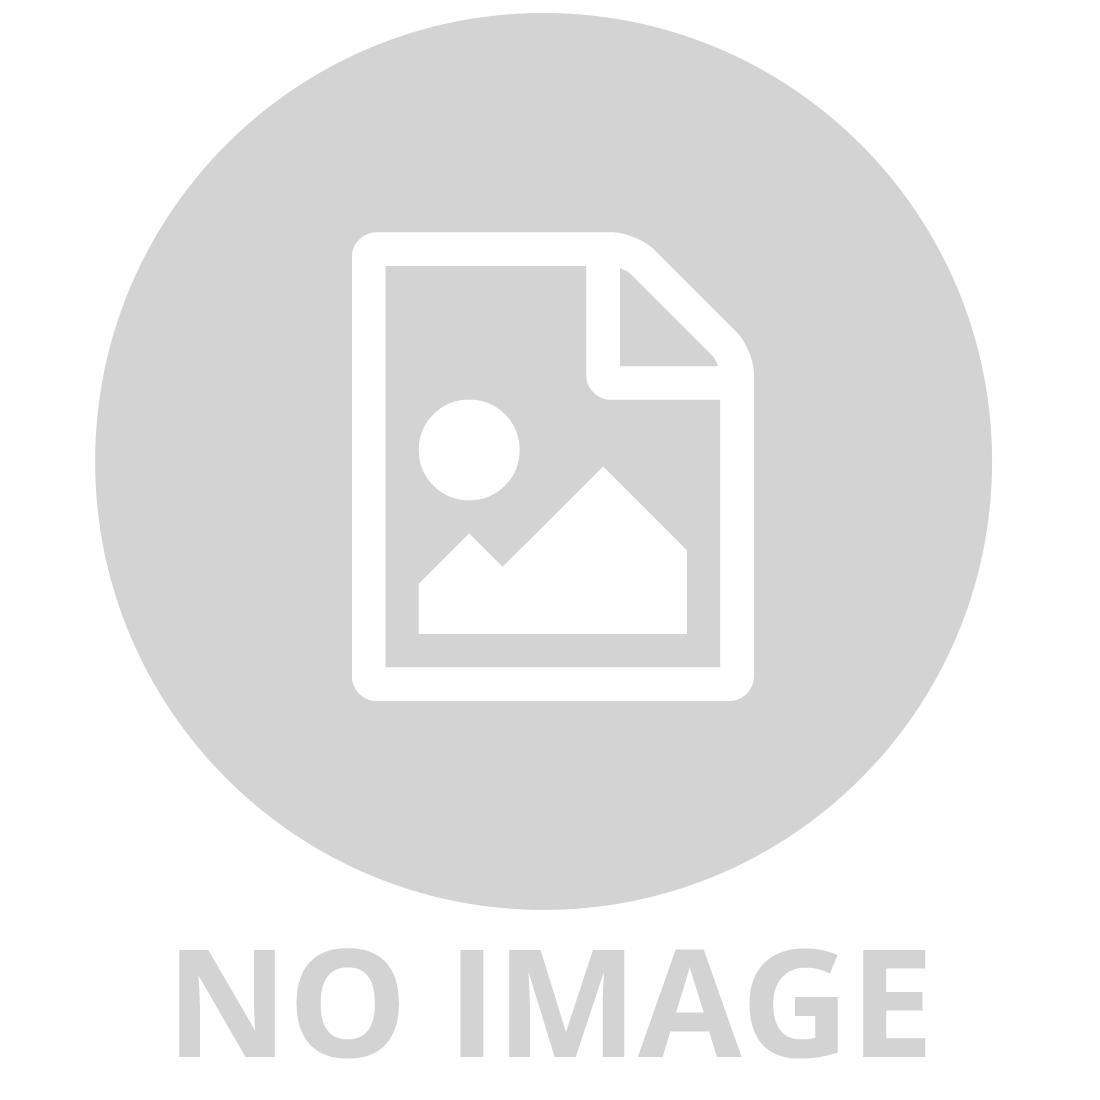 HASAGAWA 1/72 F 16A ADF/MLU FIGHTING FALCON DIANA COMBO